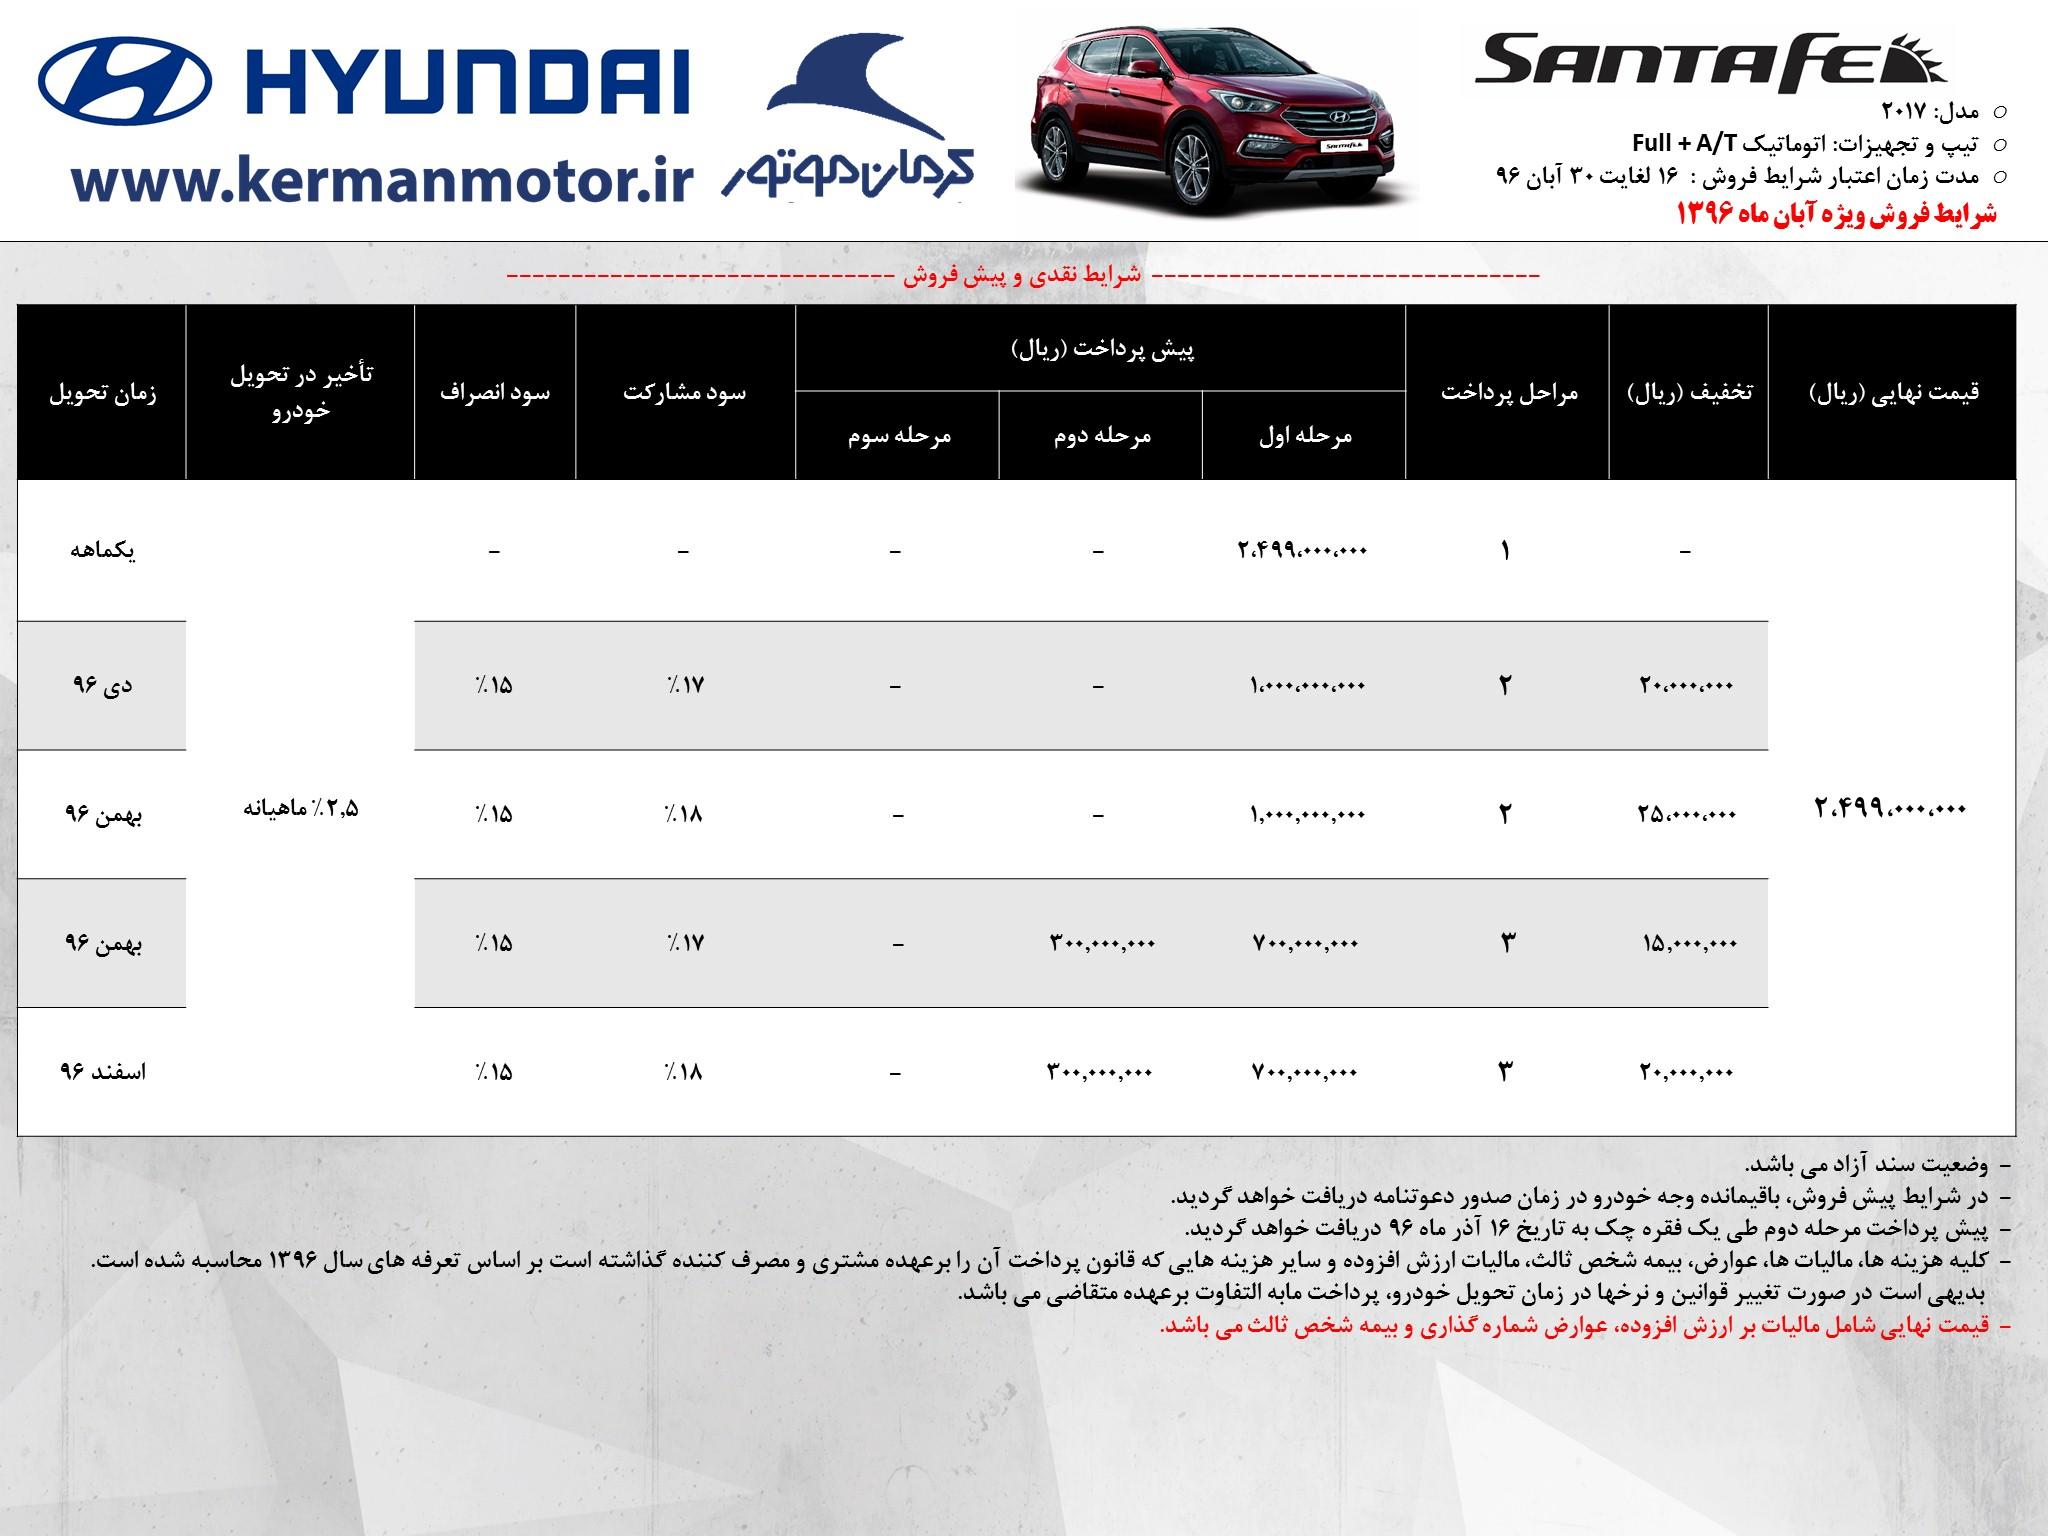 سانتافه ۲۵۰ میلیونی کرمان موتور!/ دست باز خودروسازان ایرانی برای واردات و قیمتگذاری خودروهای کاملاً خارجی